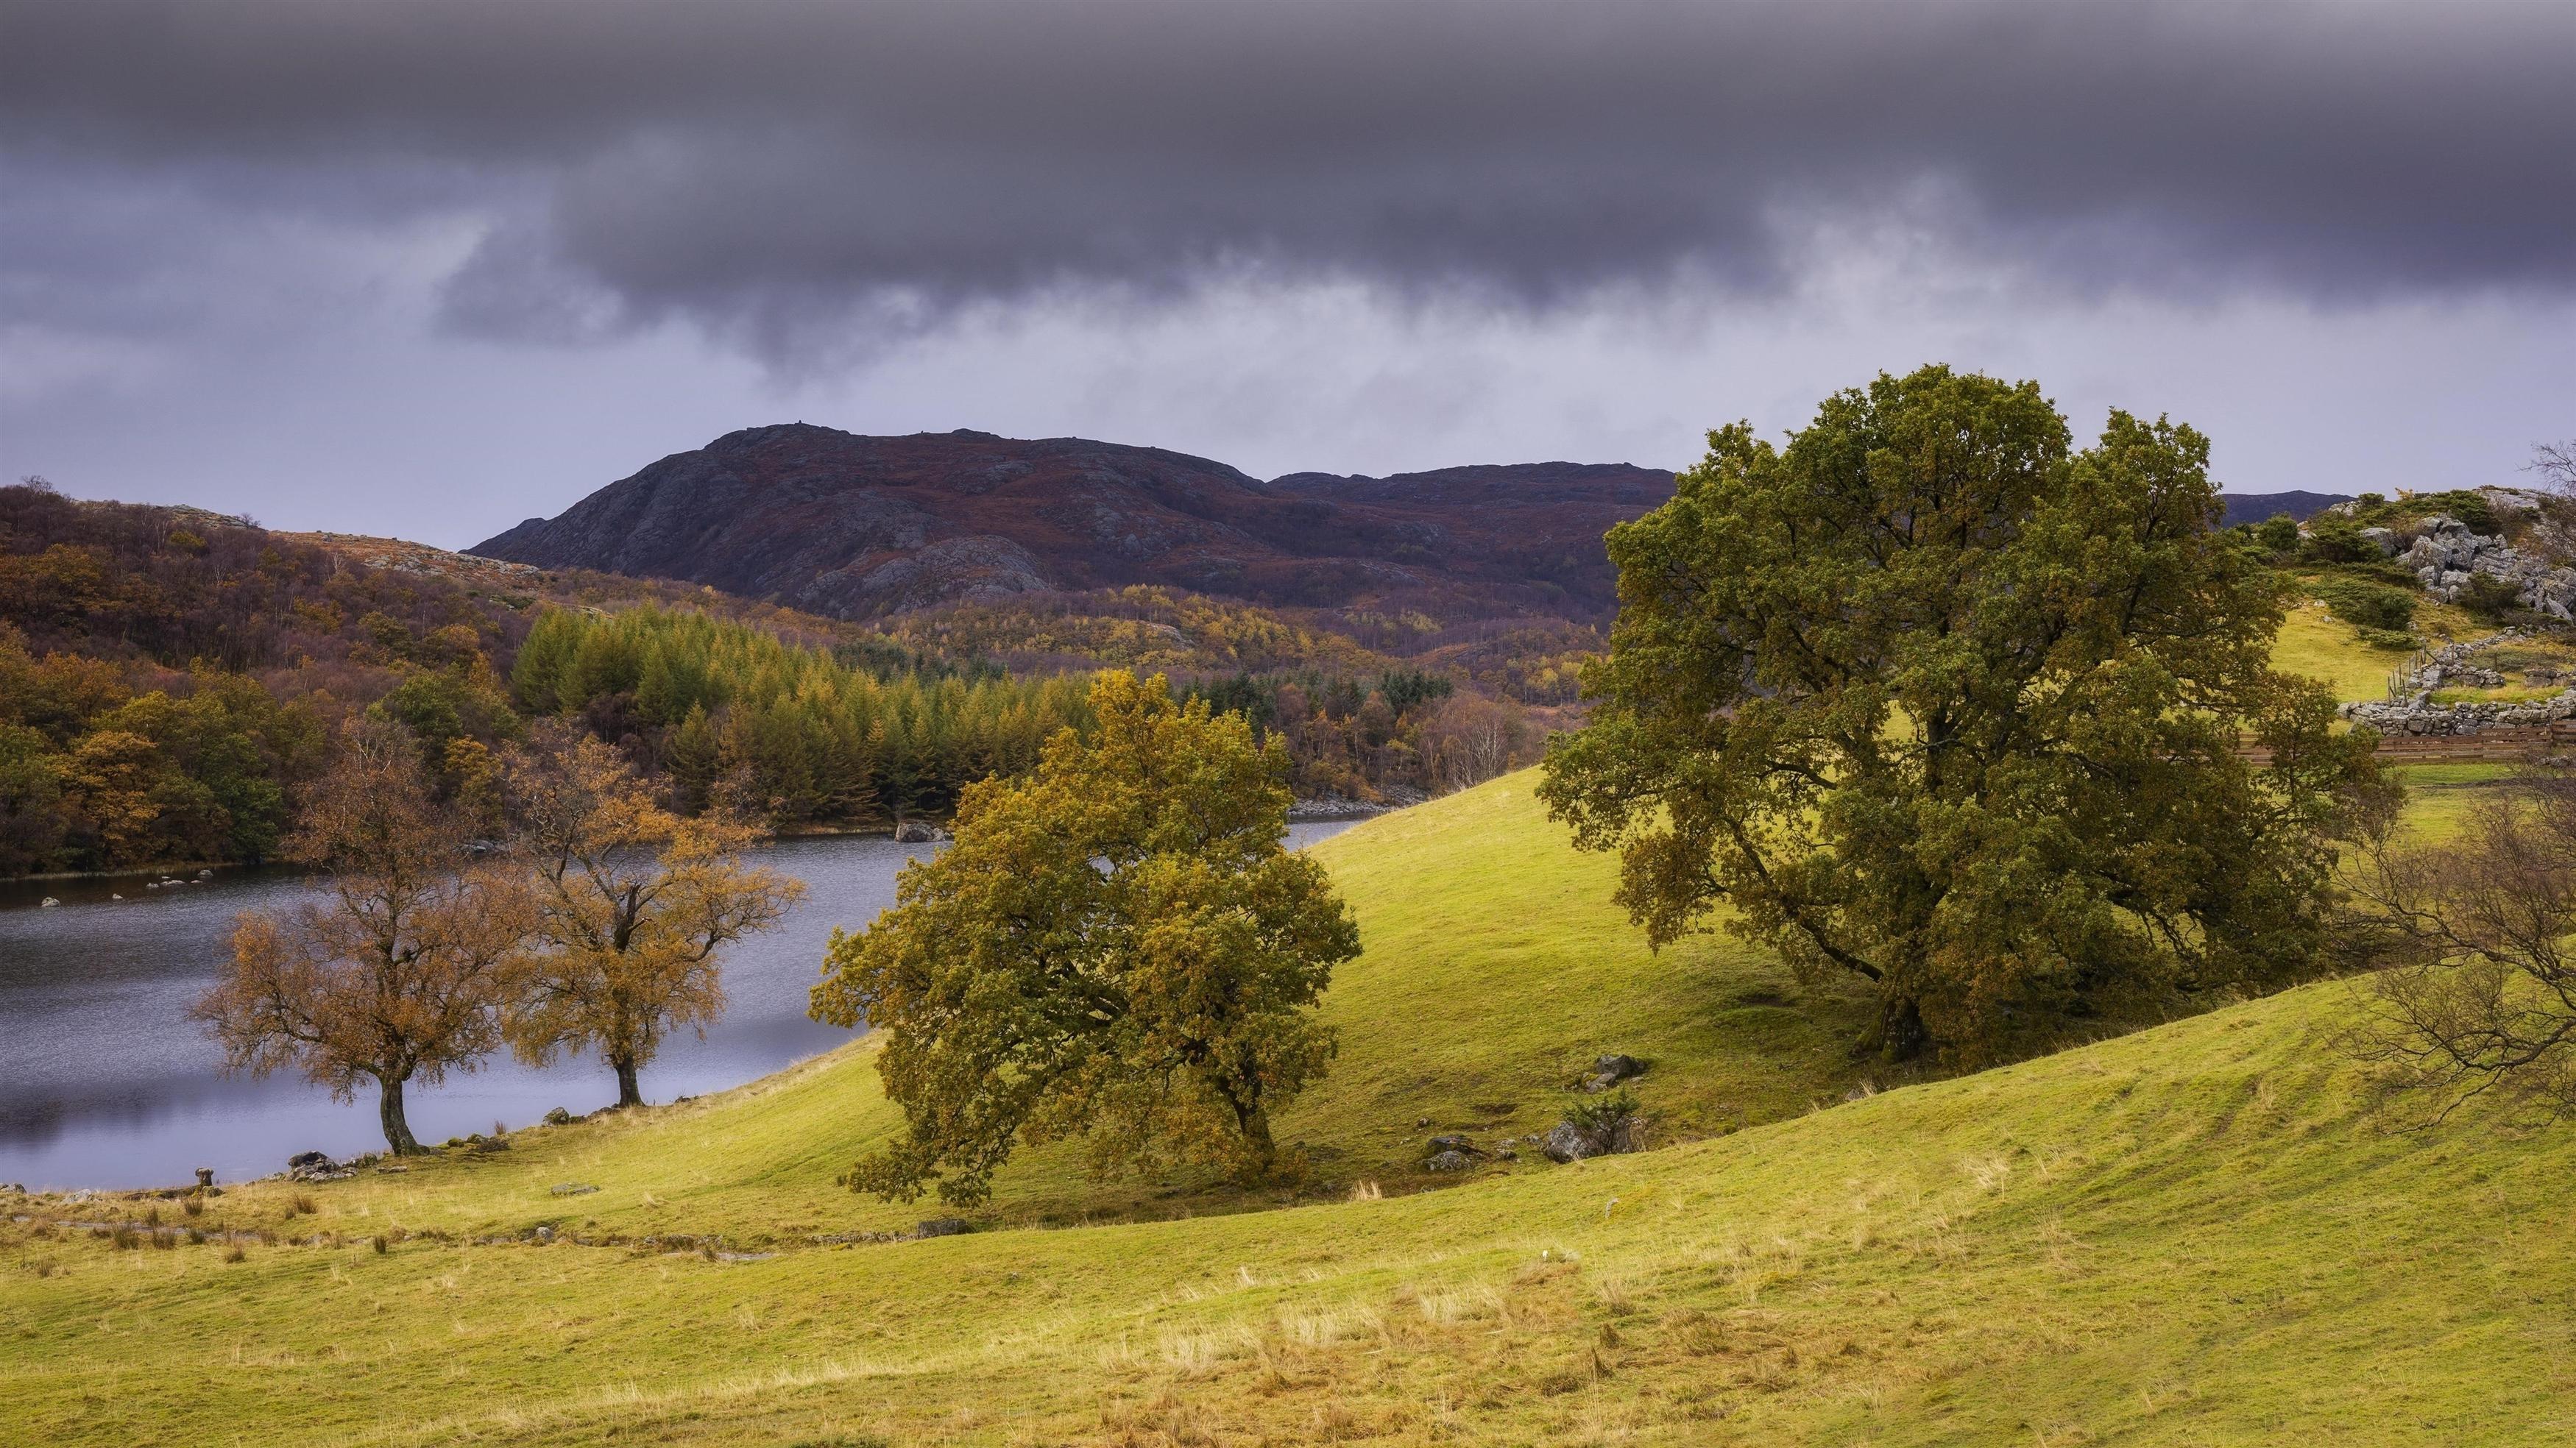 Темные облака под горами озеро зеленые деревья с зеленым полем природа обои скачать